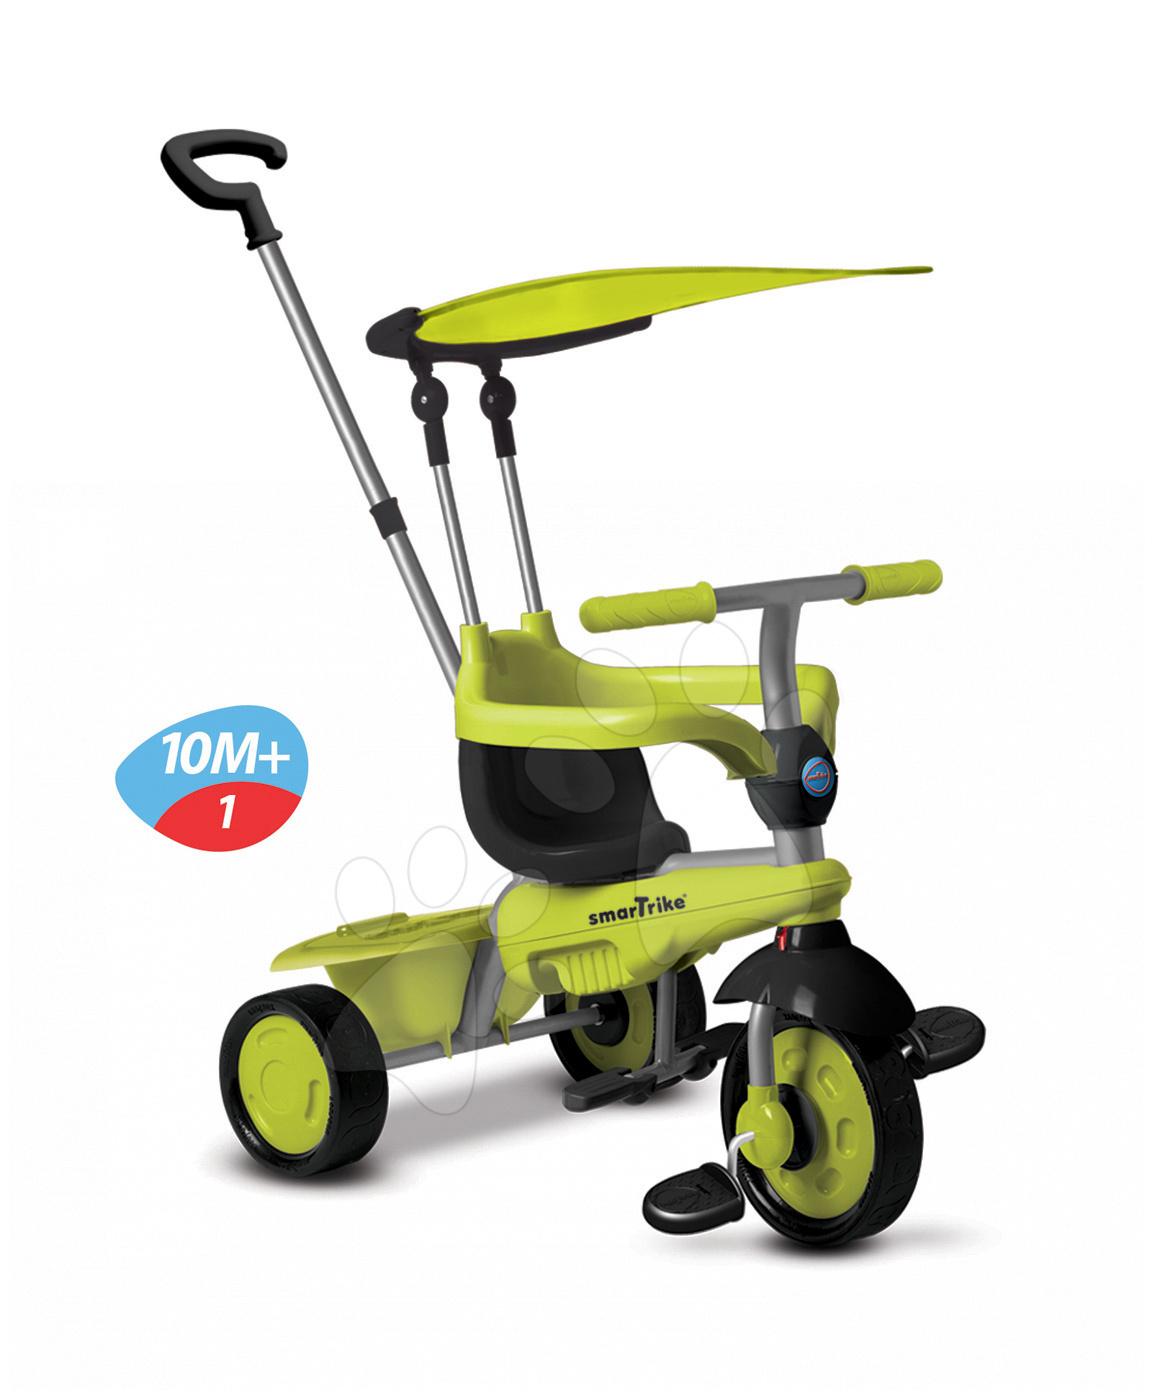 Tříkolka Carnival Green Touch Steering 3v1 smarTrike zeleno-šedá od 10 měsíců